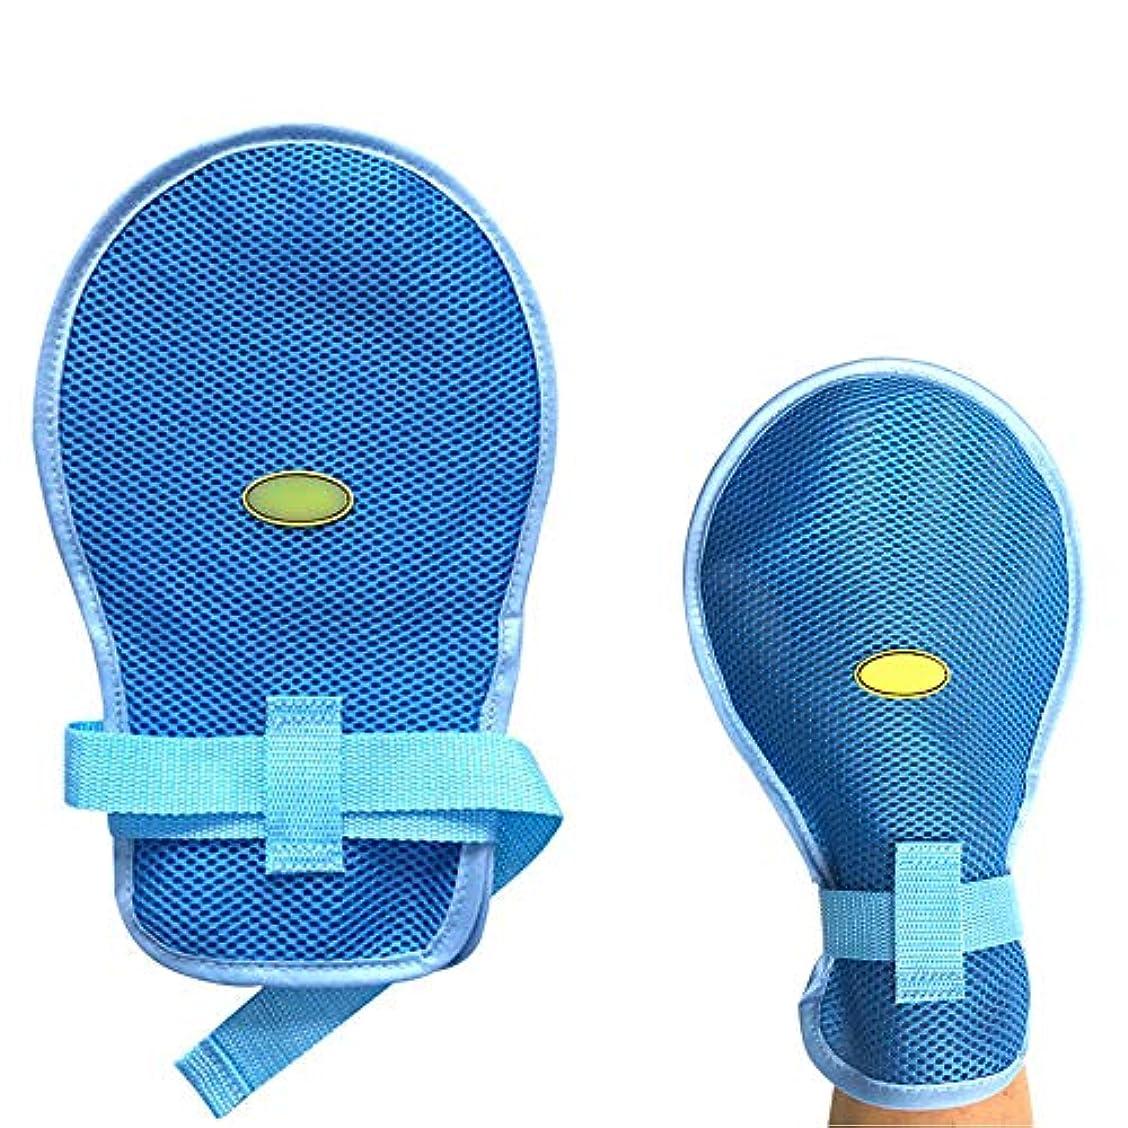 浸漬望まない意外高齢者の認知症手袋の安全装置のミット - 個人用手の安全装置 - 自傷防止のための指のコントロールミット(1ペア)